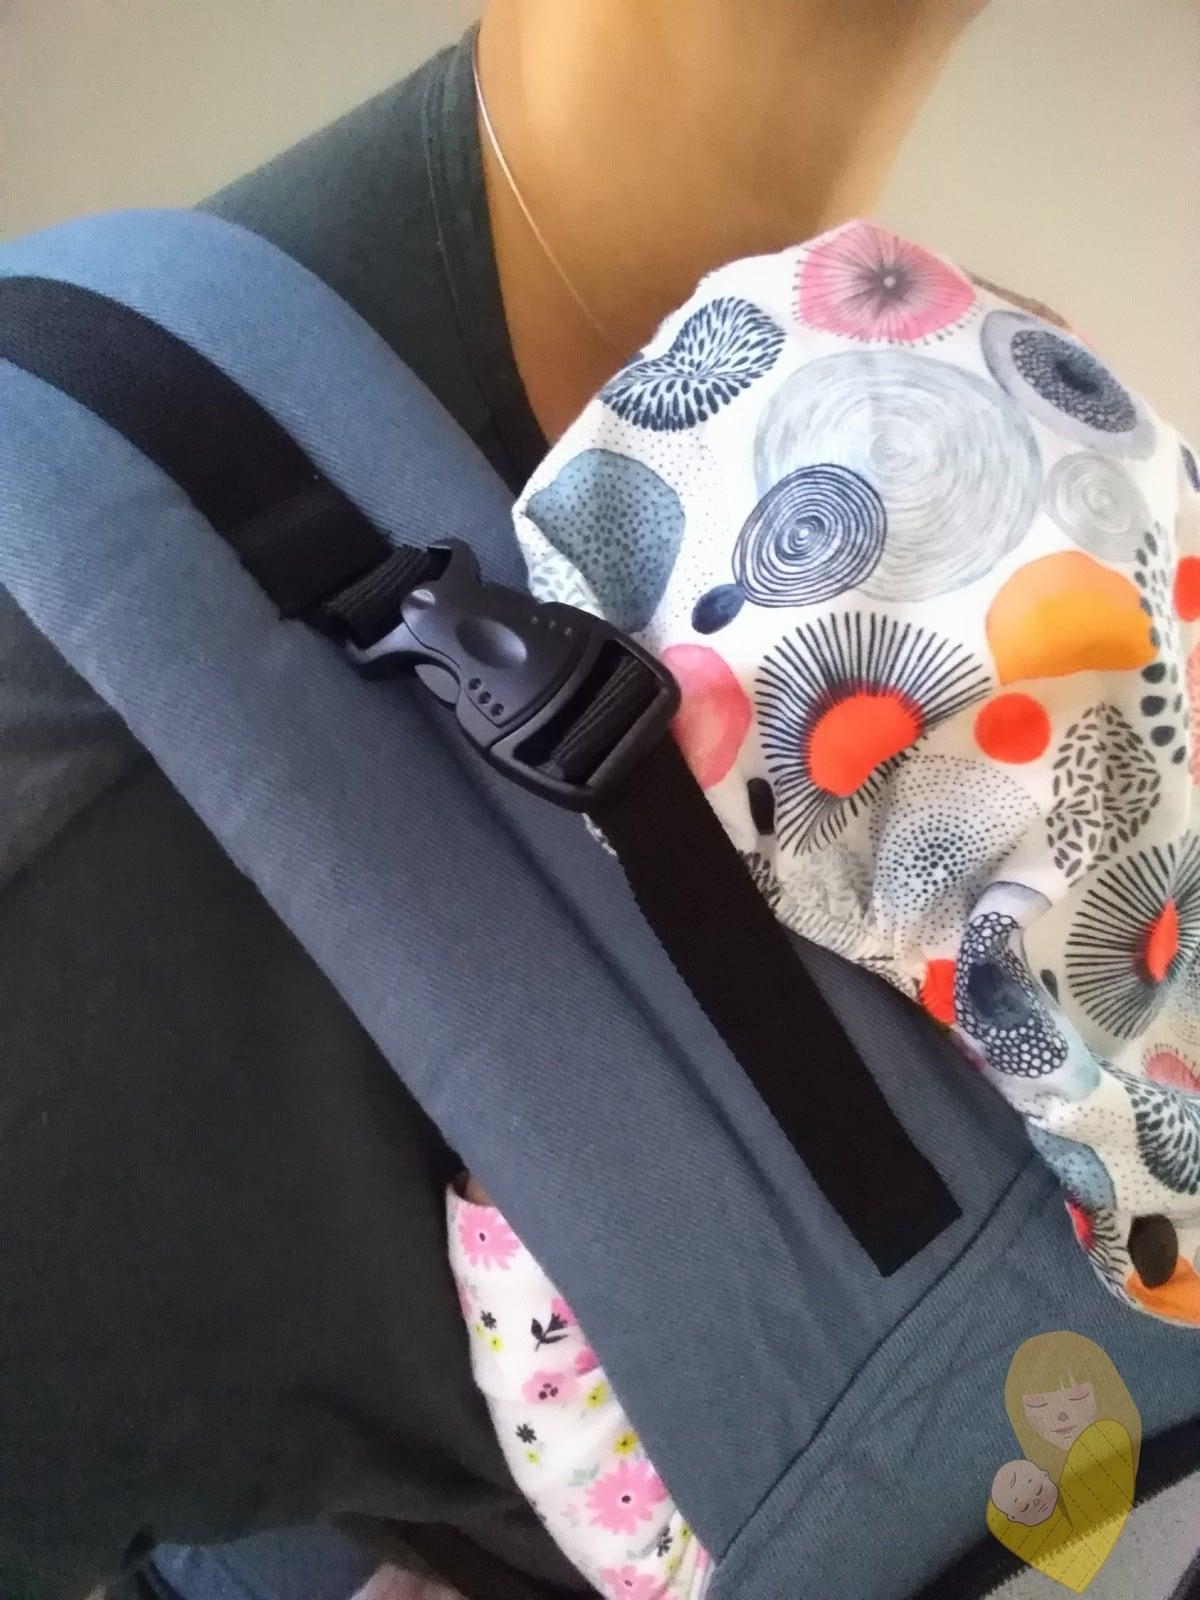 ab18824c2 Recenzija  Love and Carry AIR nosiljka za bebe